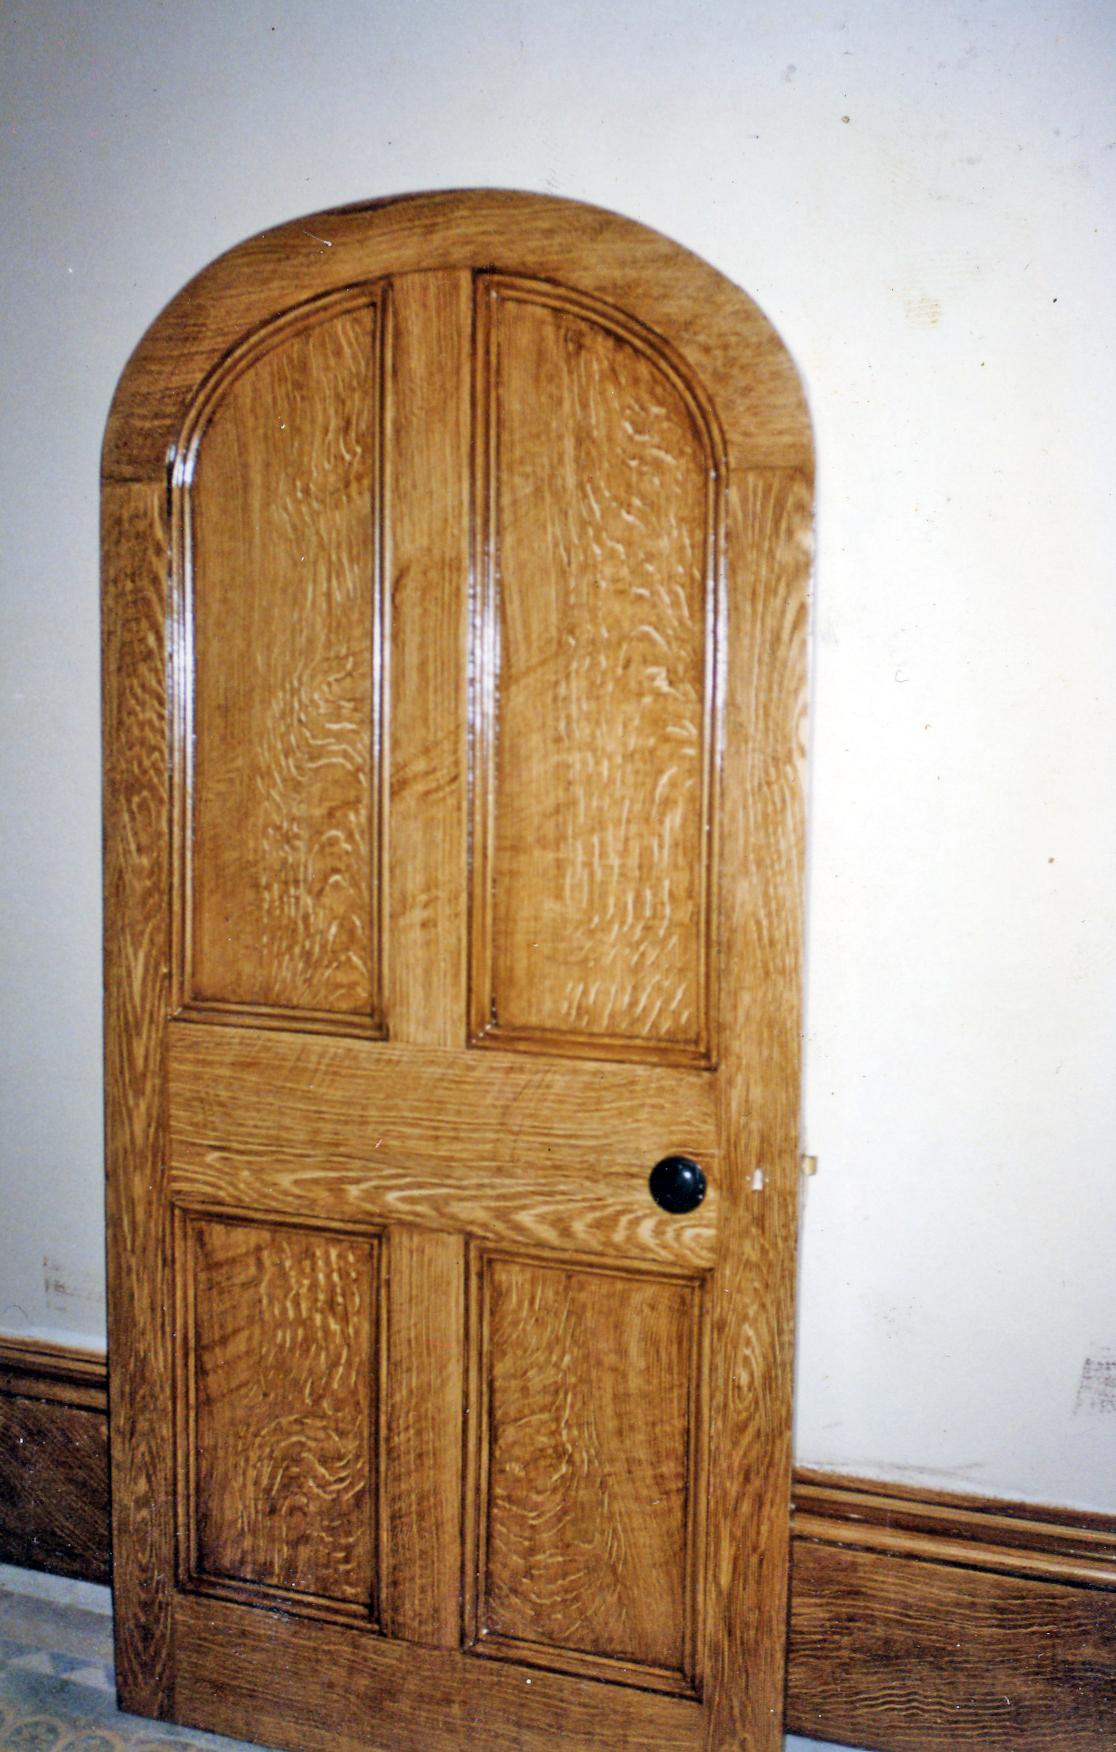 Quartered oak doors